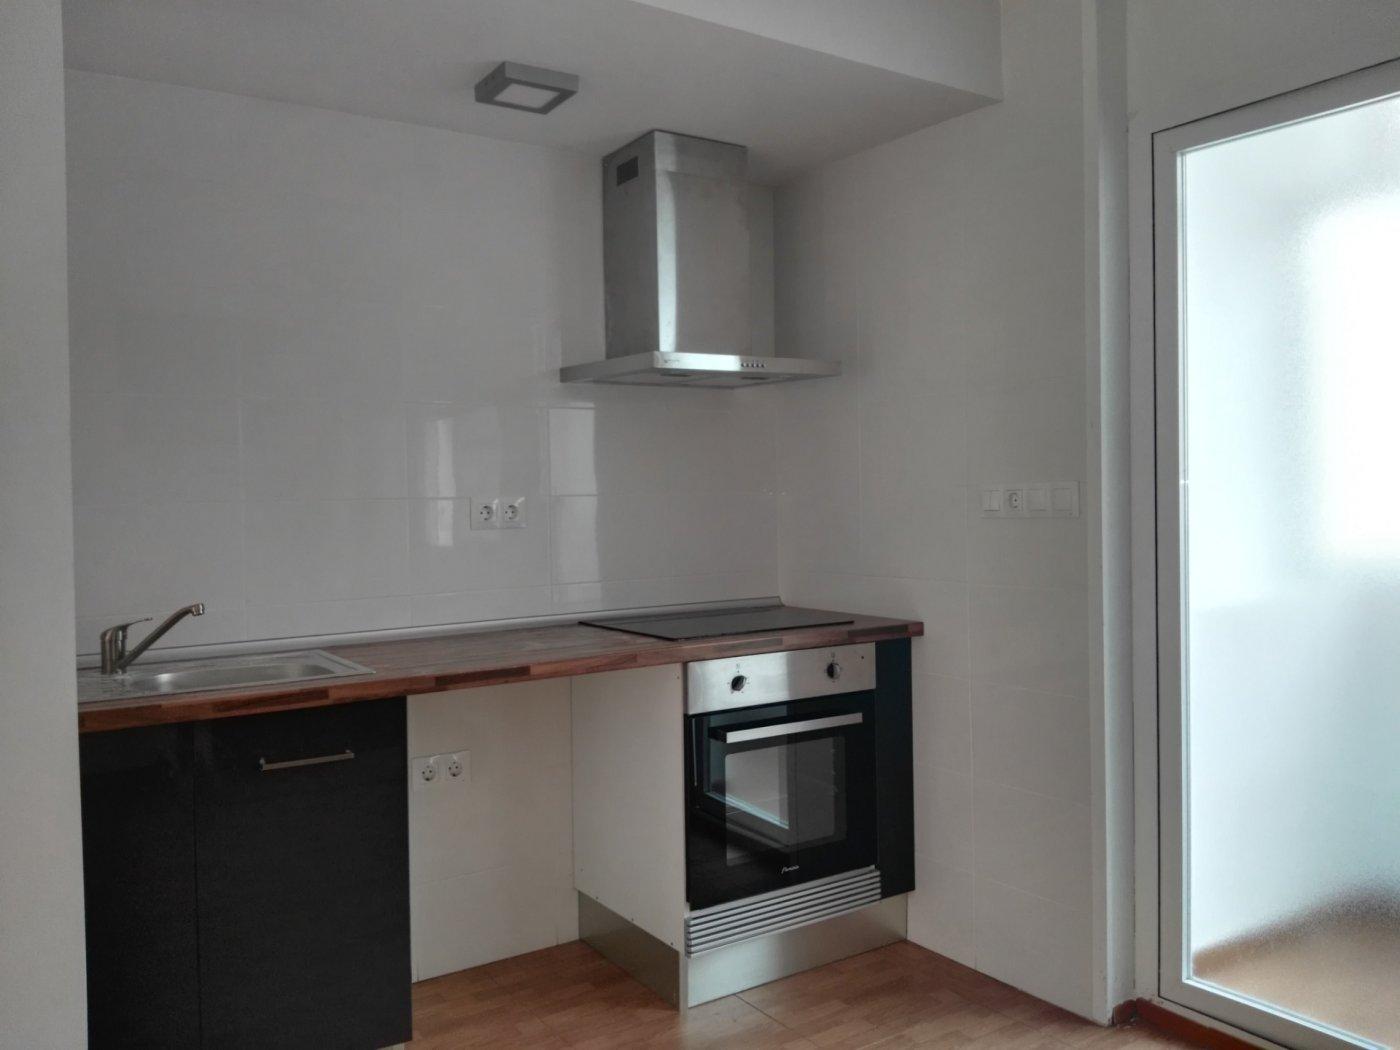 Rent Flat  Xirivella ,la paz. Se alquila piso en zona la paz de xirivella